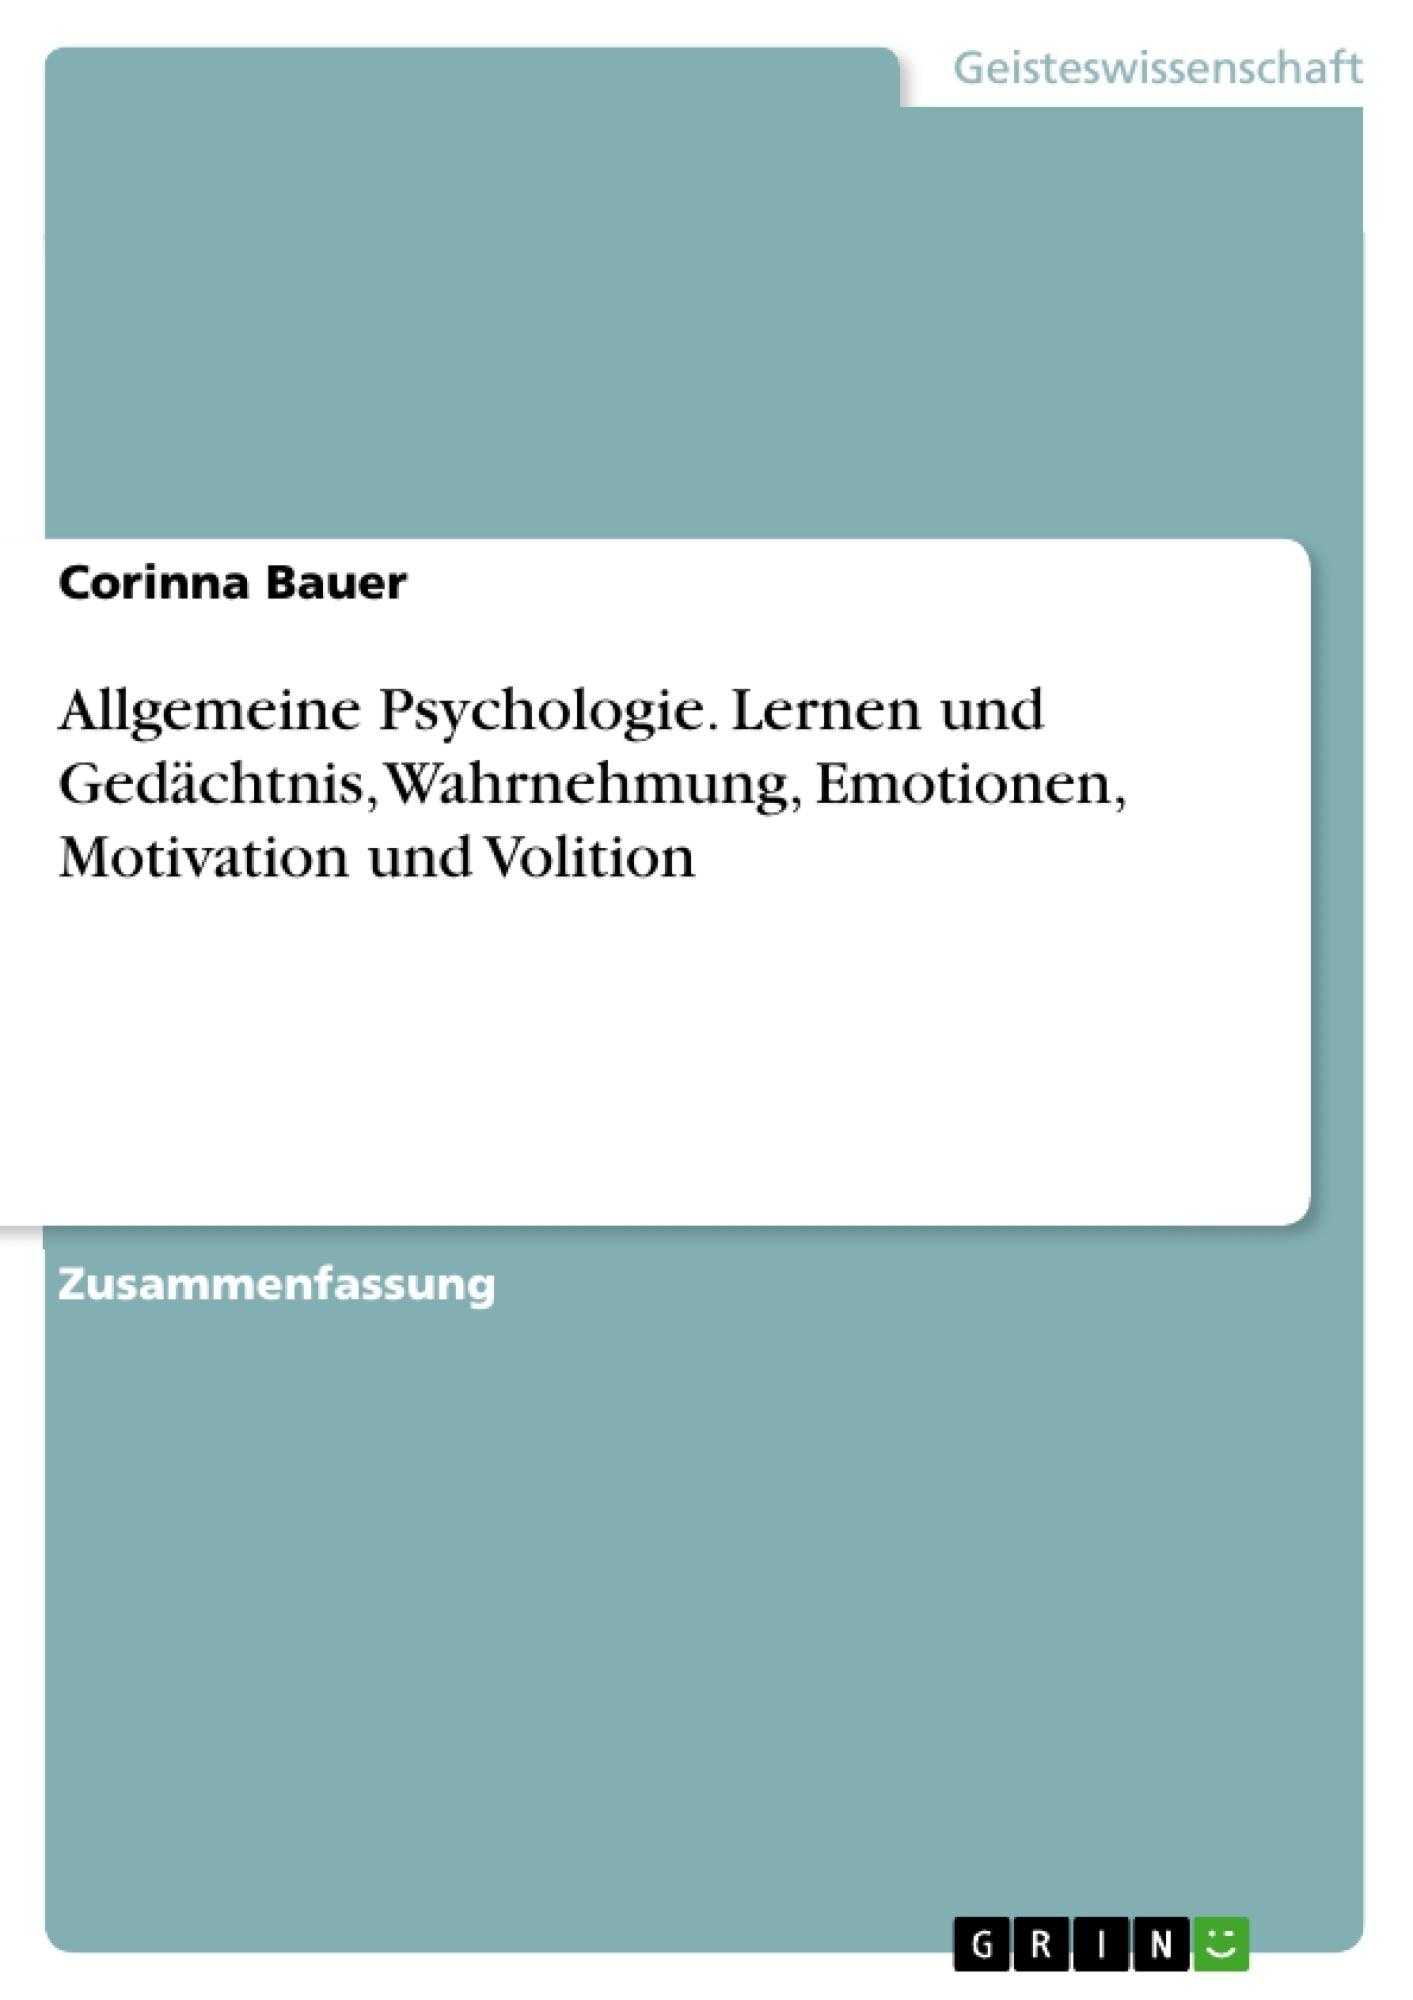 Titel: Allgemeine Psychologie. Lernen und Gedächtnis, Wahrnehmung, Emotionen, Motivation und Volition